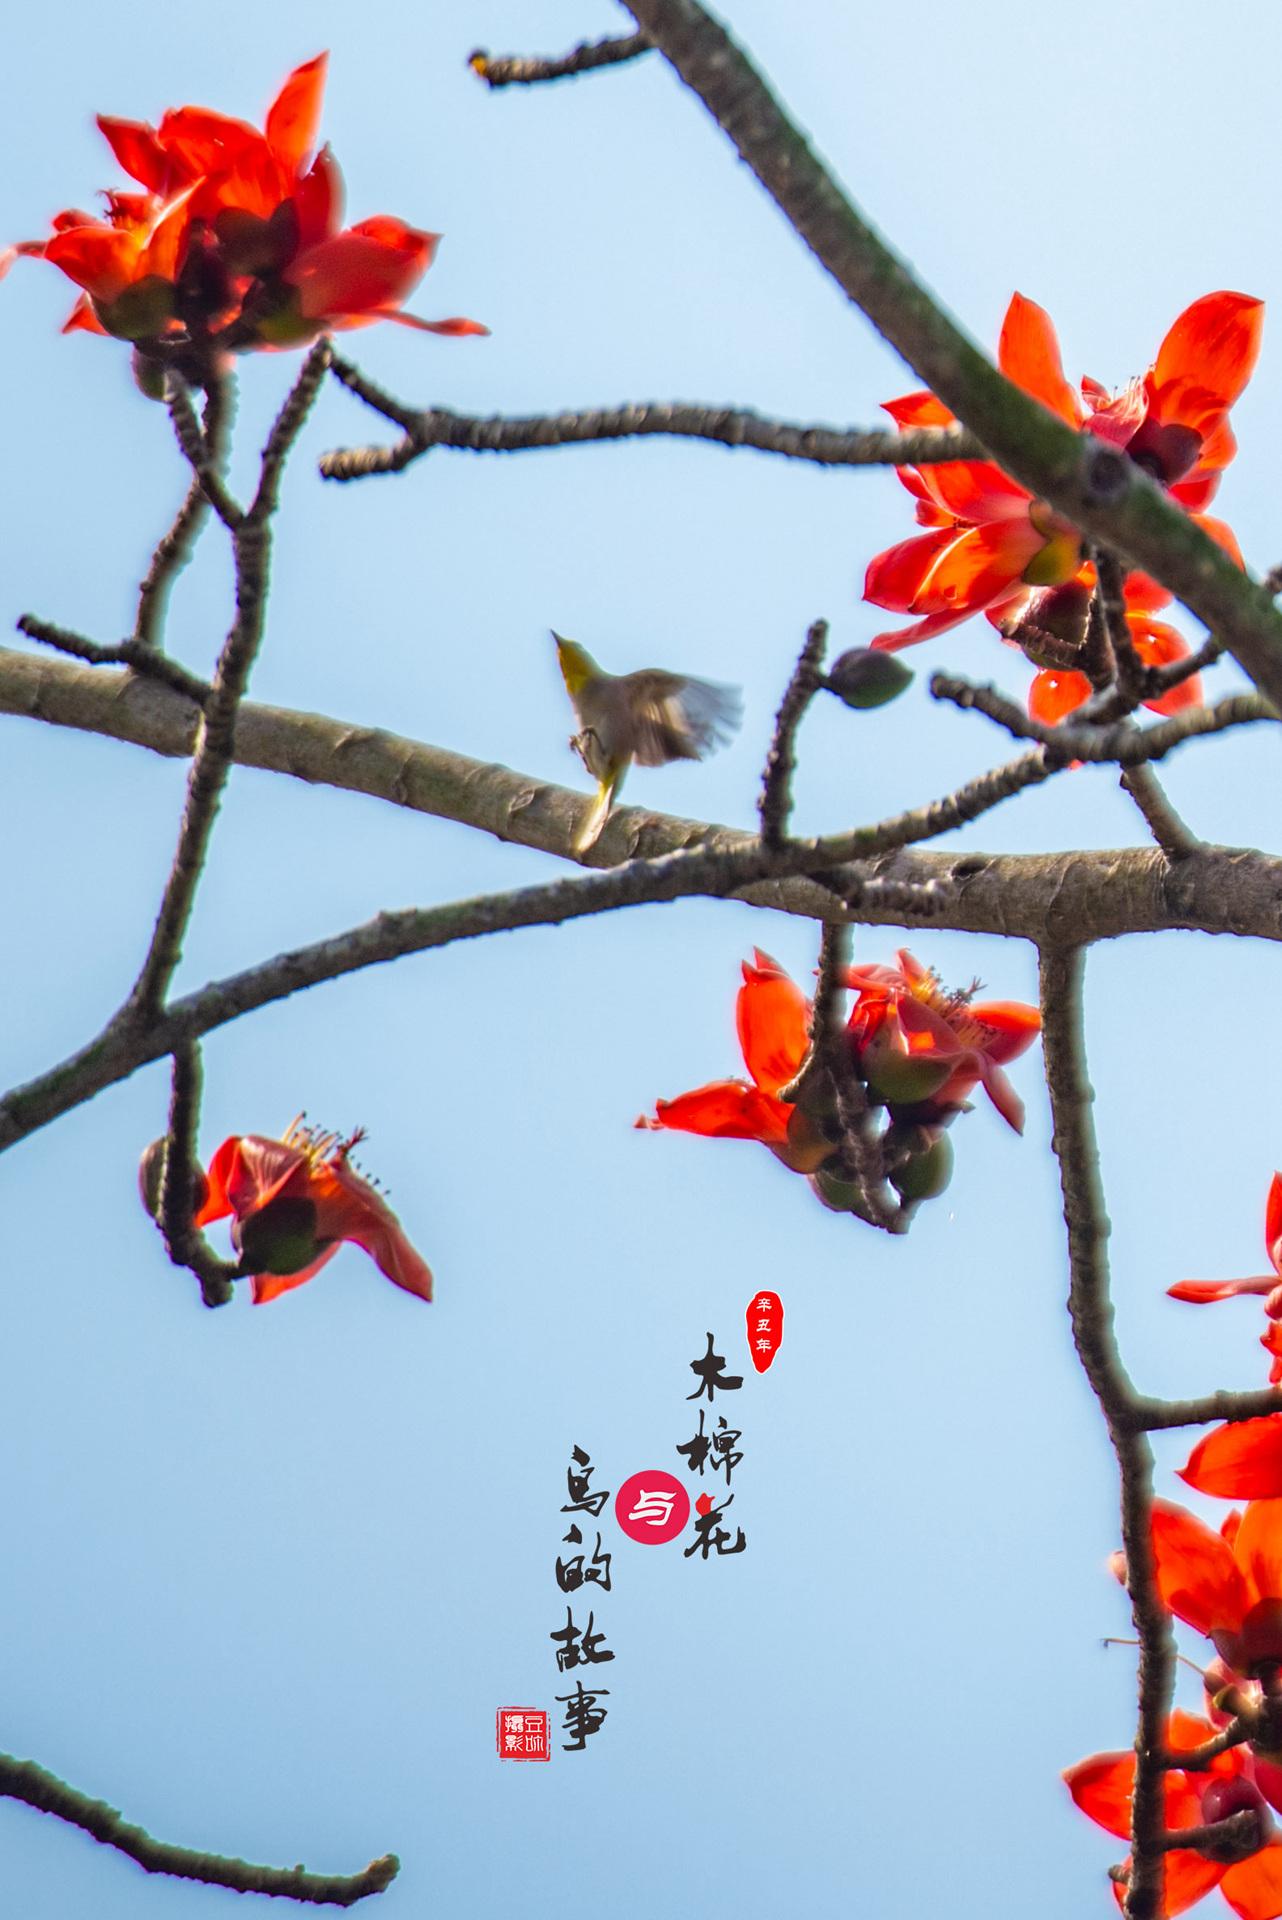 木棉花与鸟的故事19.jpg